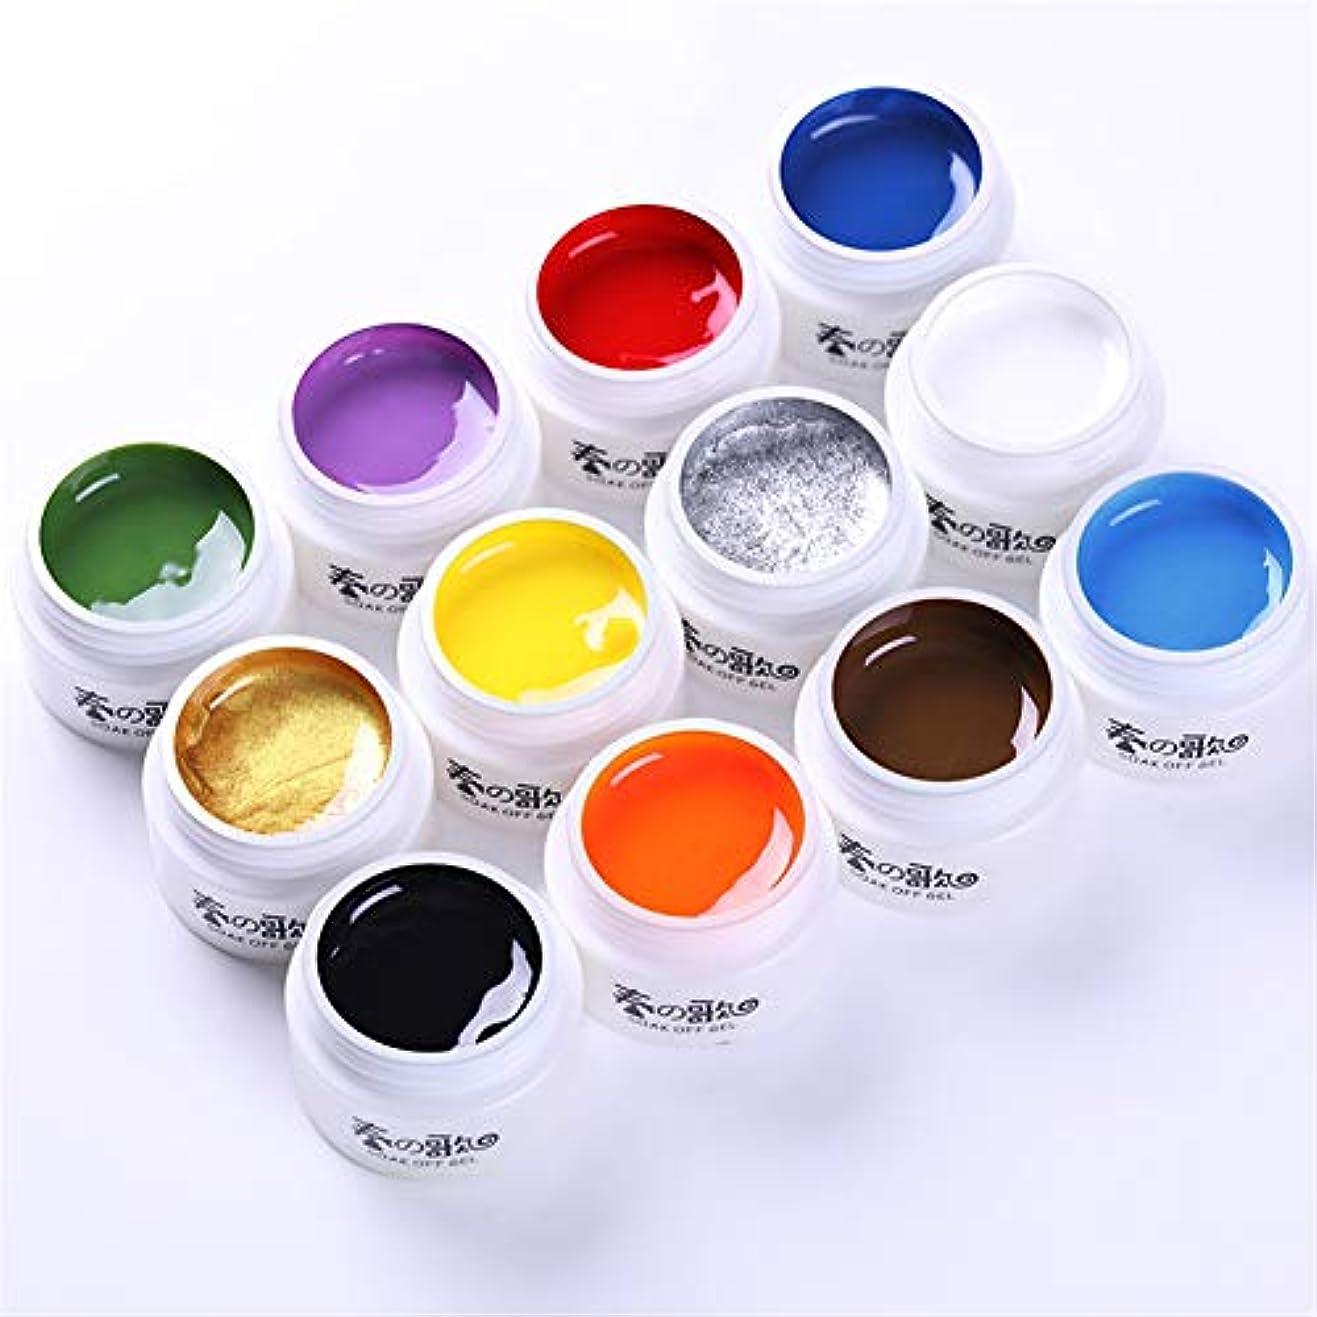 賛美歌移植なので春の歌 アート専用のカラージェル ライナージェル ものすごく色が濃いカラージェル ラインを引くためのジェル、アクリル絵の具よりも柔らかく使いやすいジェル LED/UV両方対応 [並行輸入品]